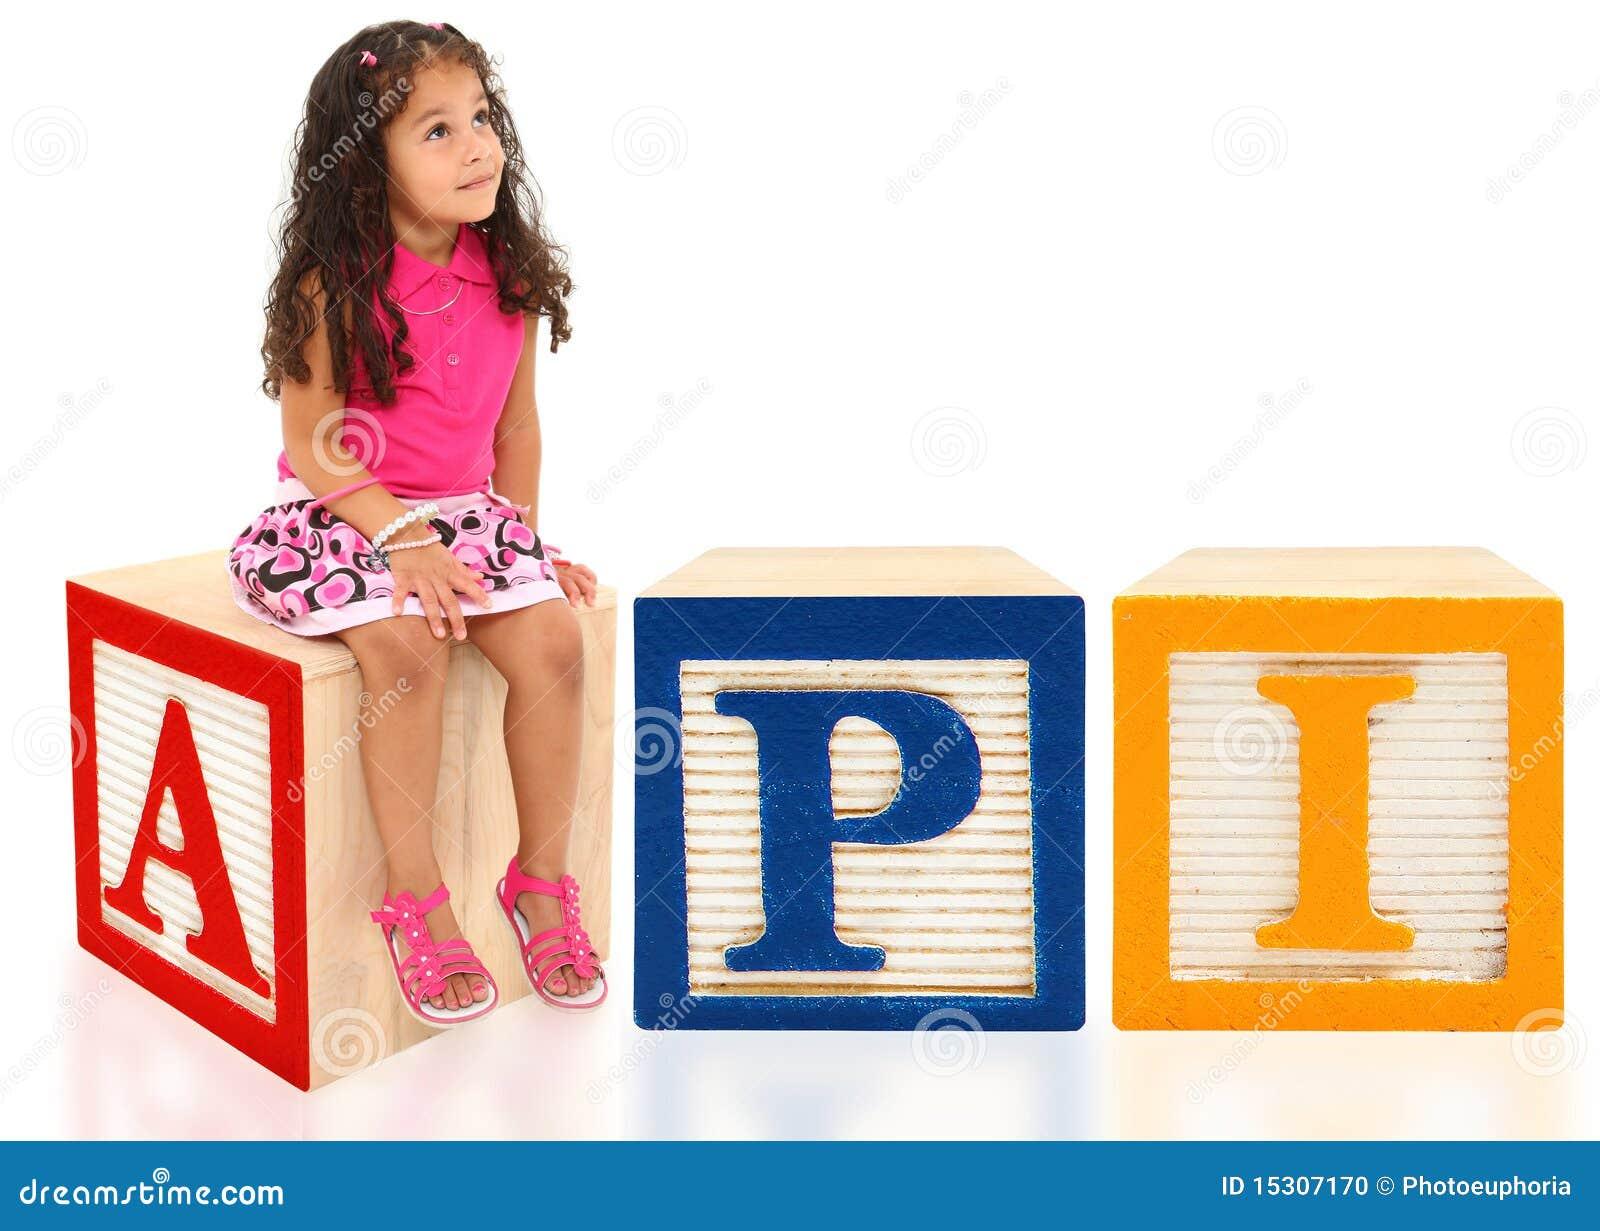 API com menina.